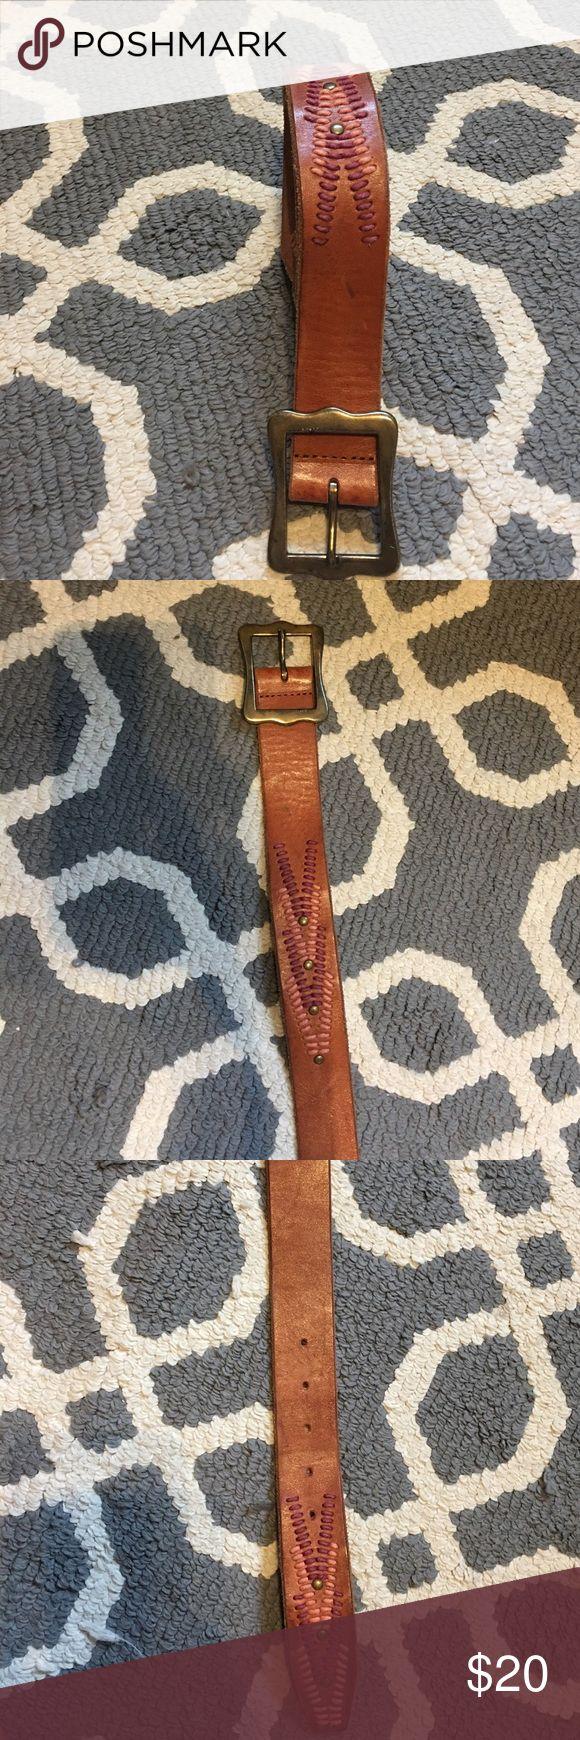 Lucky brand belt Size medium = jean size 27-30 Lucky Brand Accessories Belts